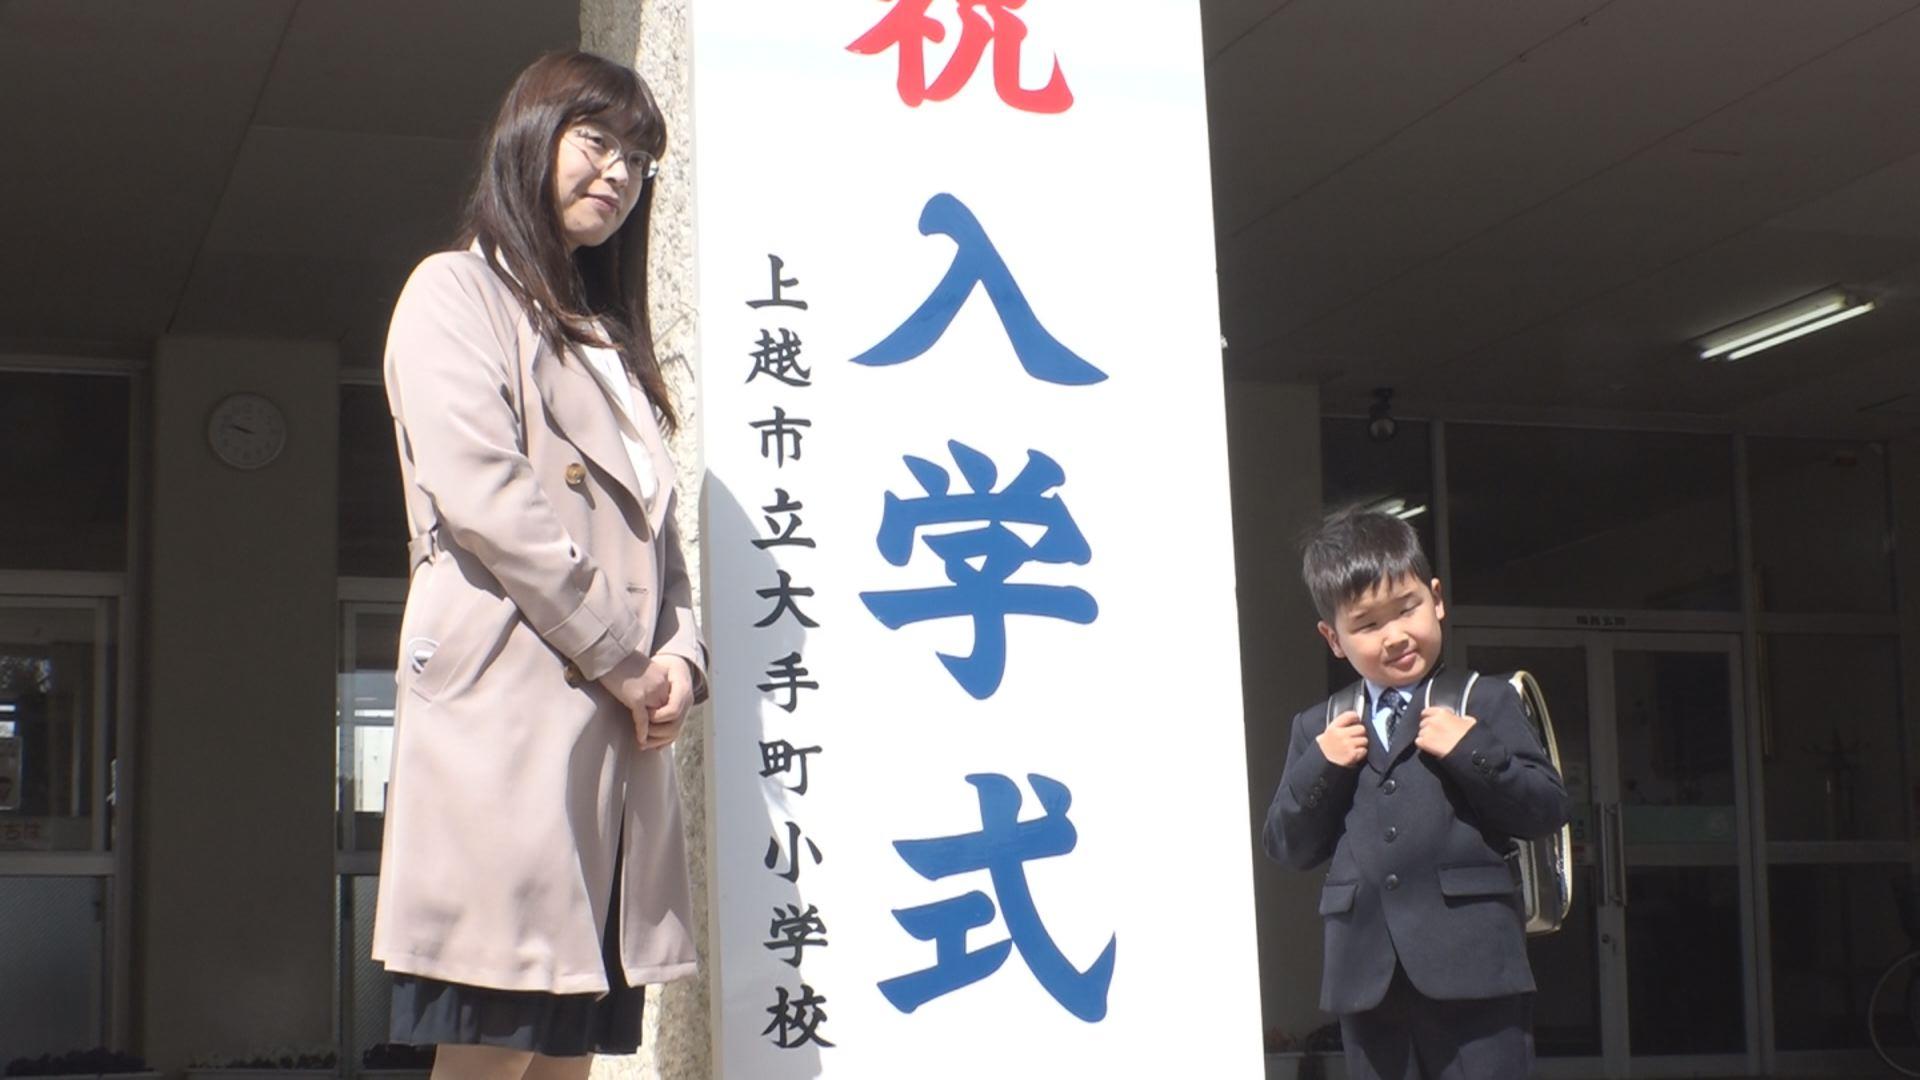 210407_大手町小入学式